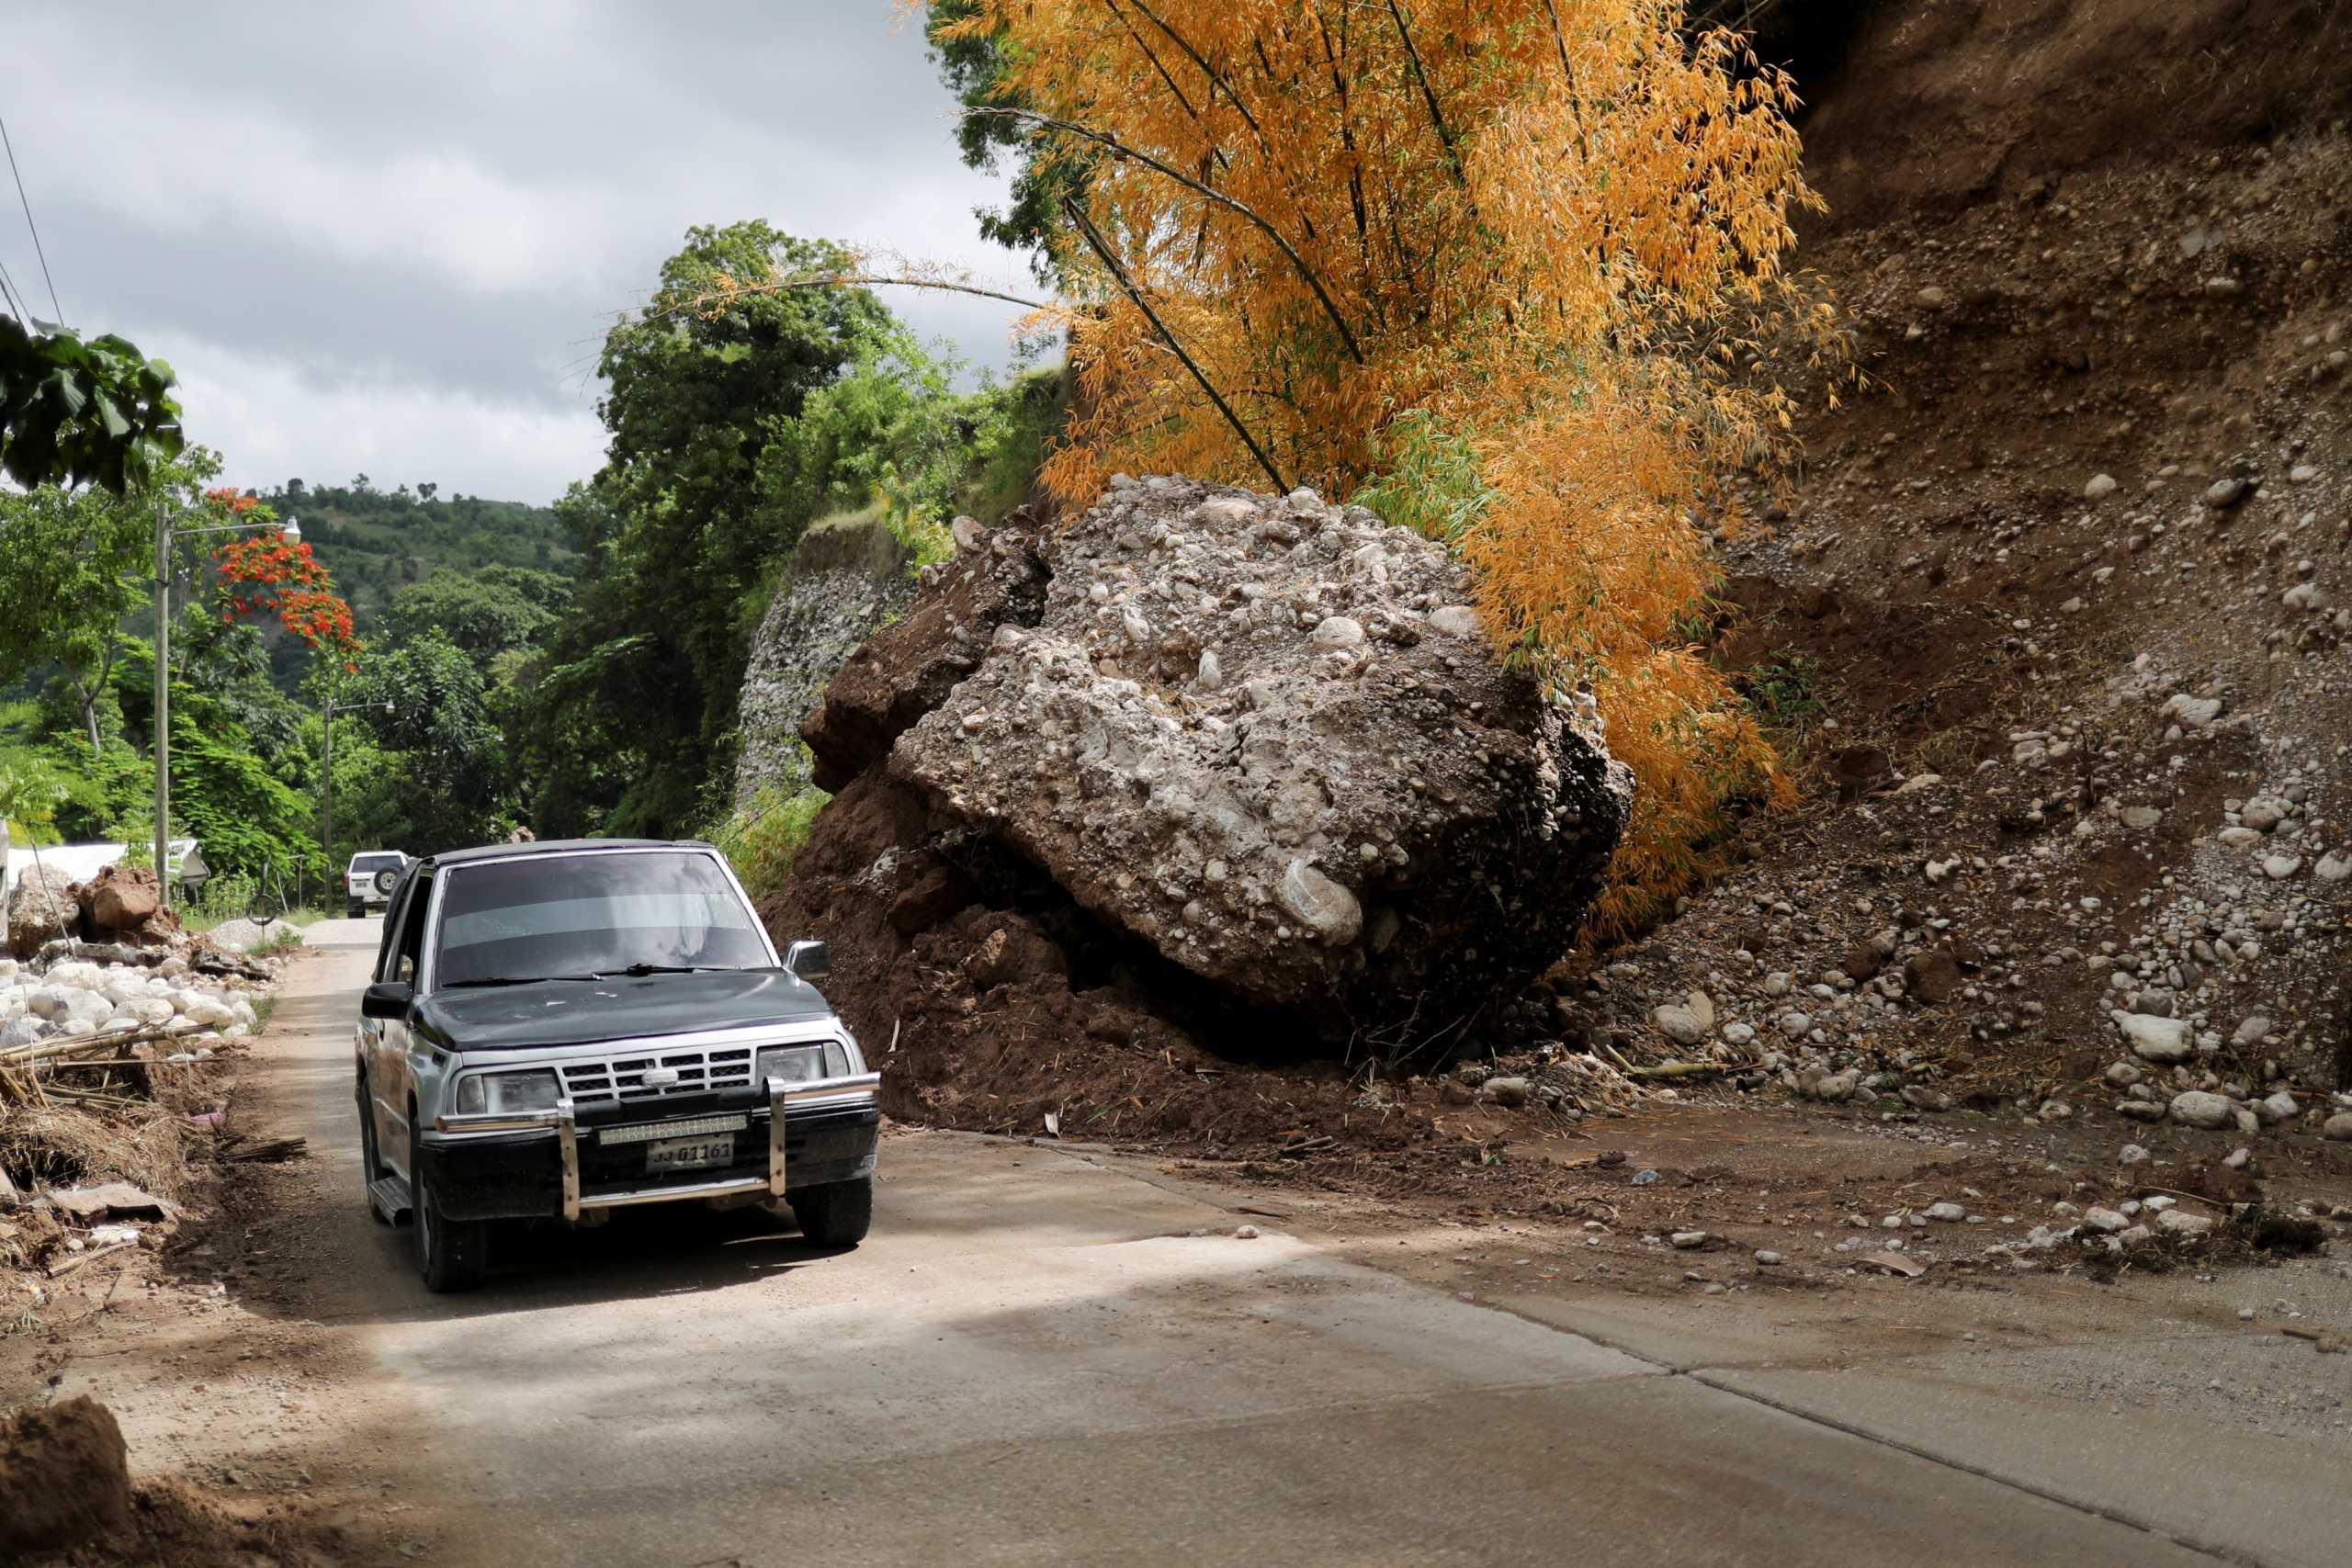 Σεισμός στην Αϊτή: 2.189 οι νεκροί των 7,2 ρίχτερ – Οι πλημμύρες δυσκολεύουν το έργο των διασωστών